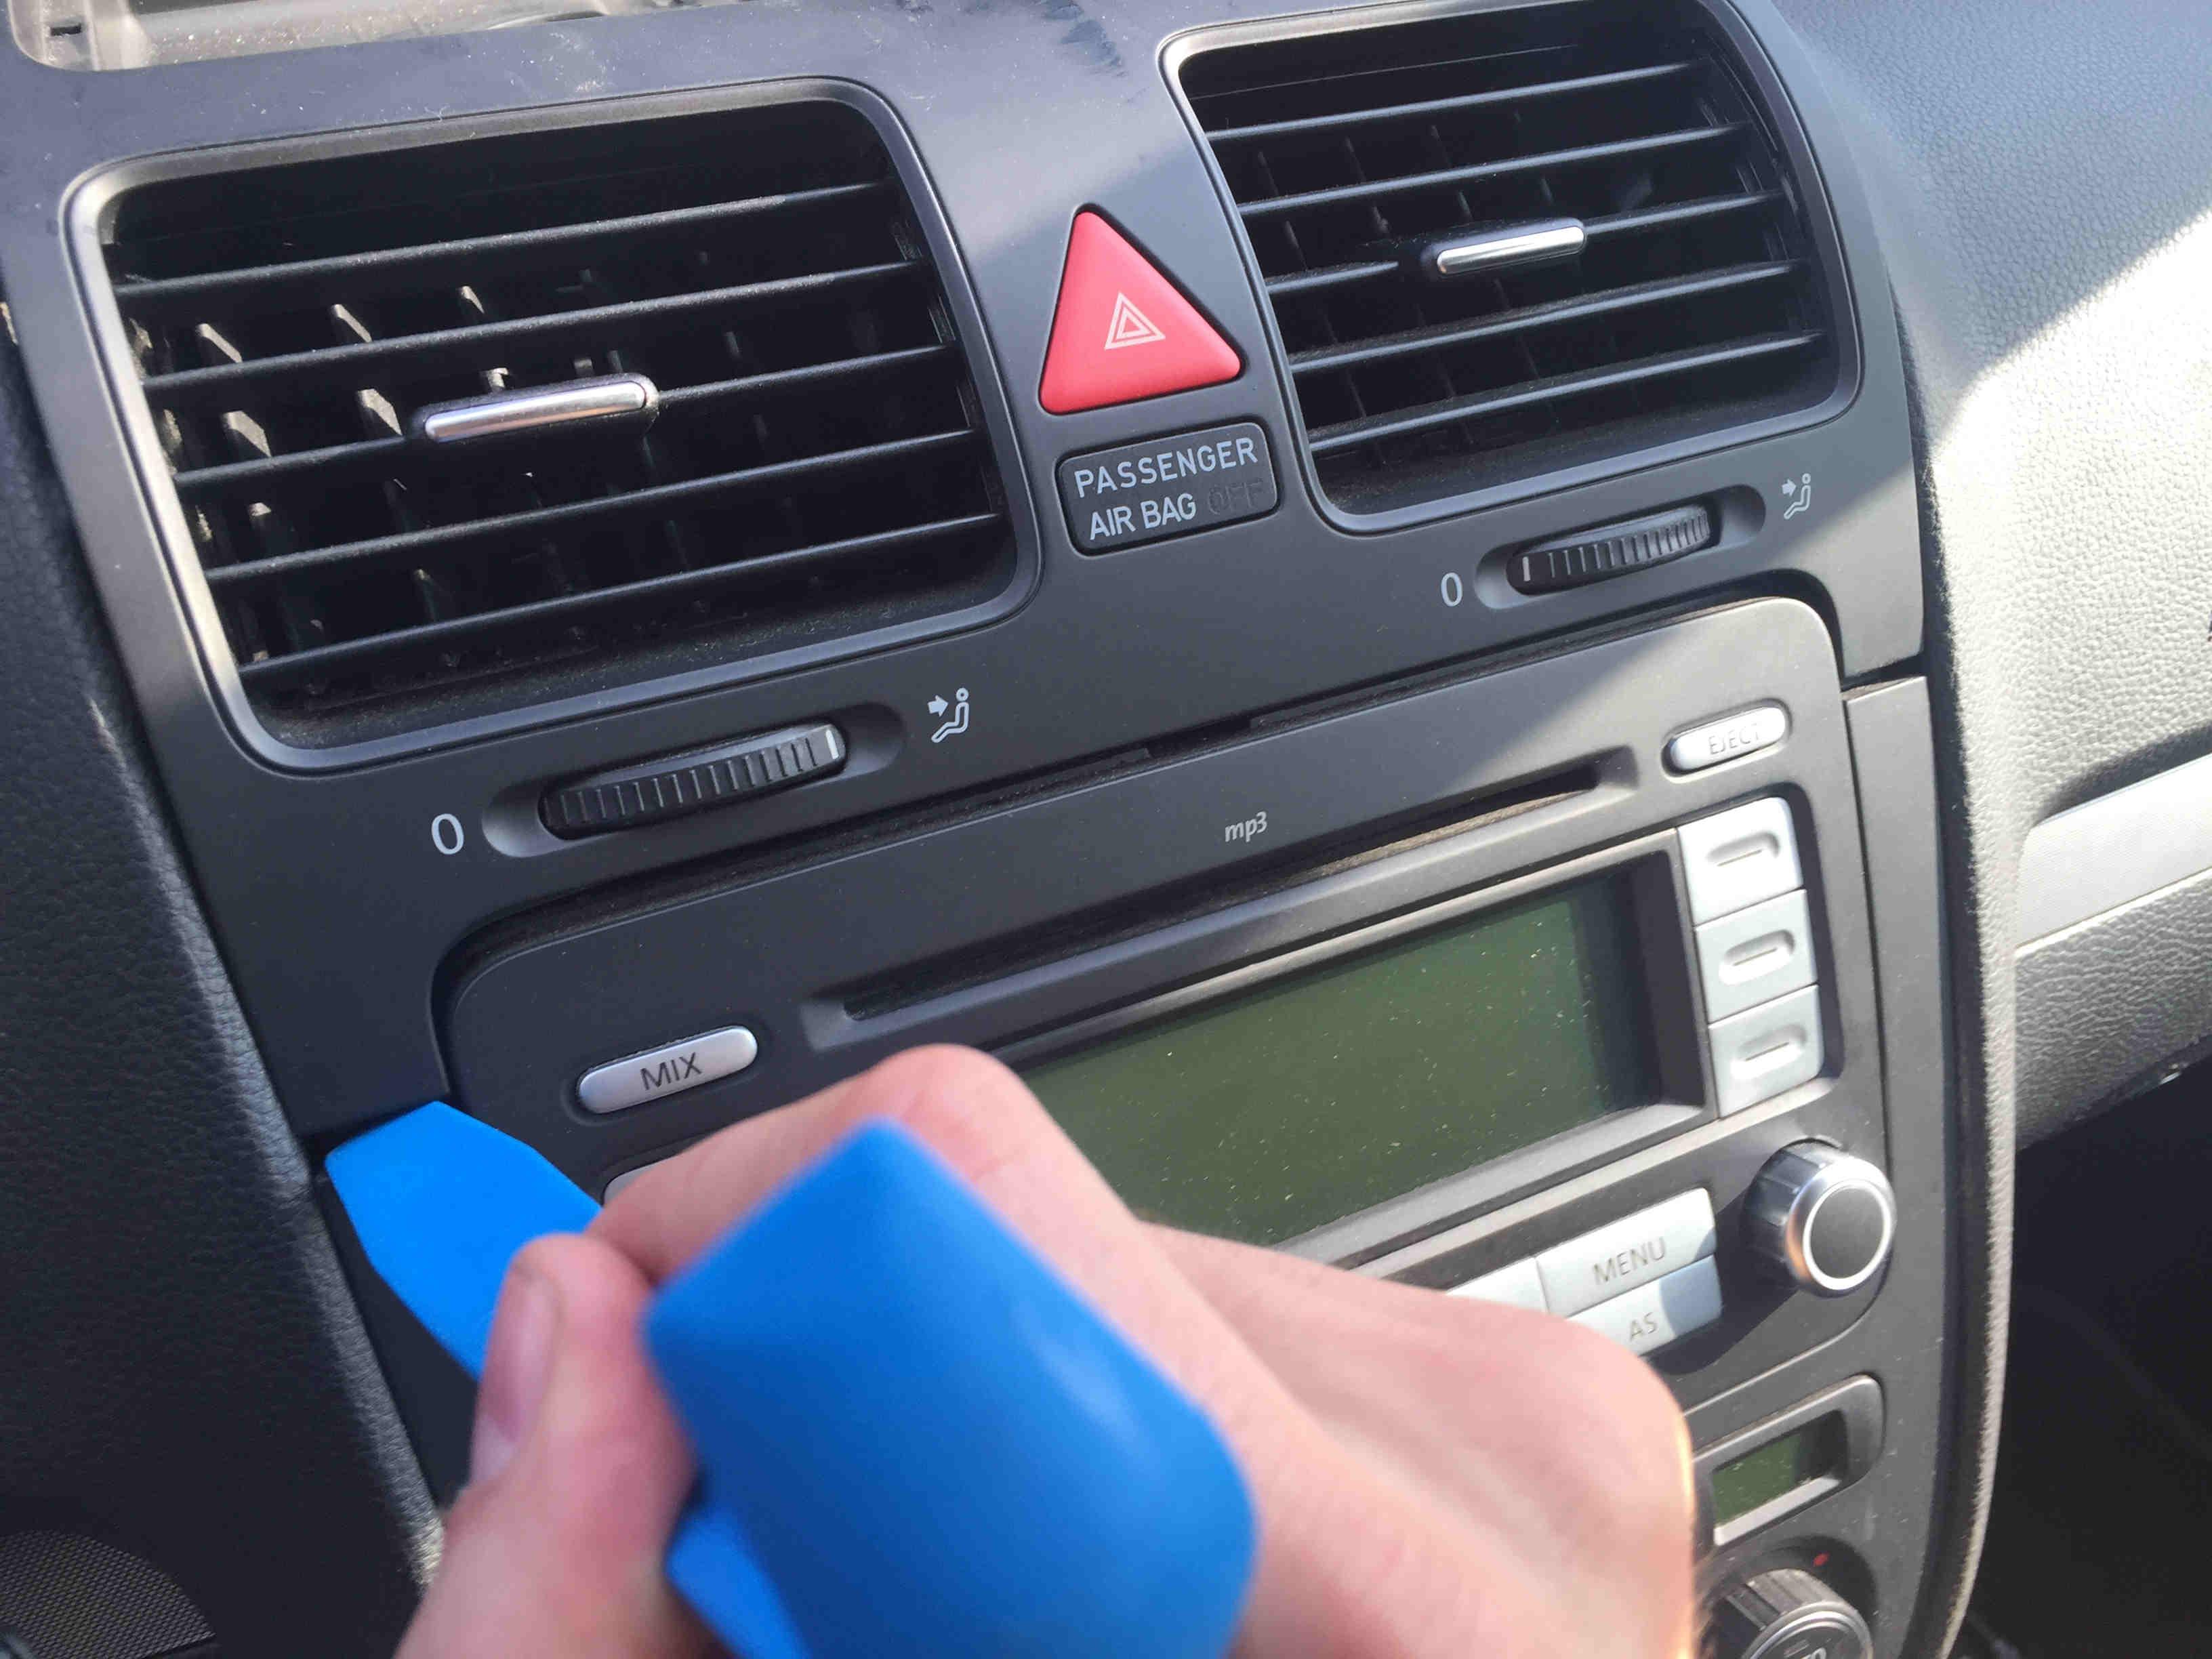 Fabulous Mercedes Radio Ausbauen Ohne Haken Fm39